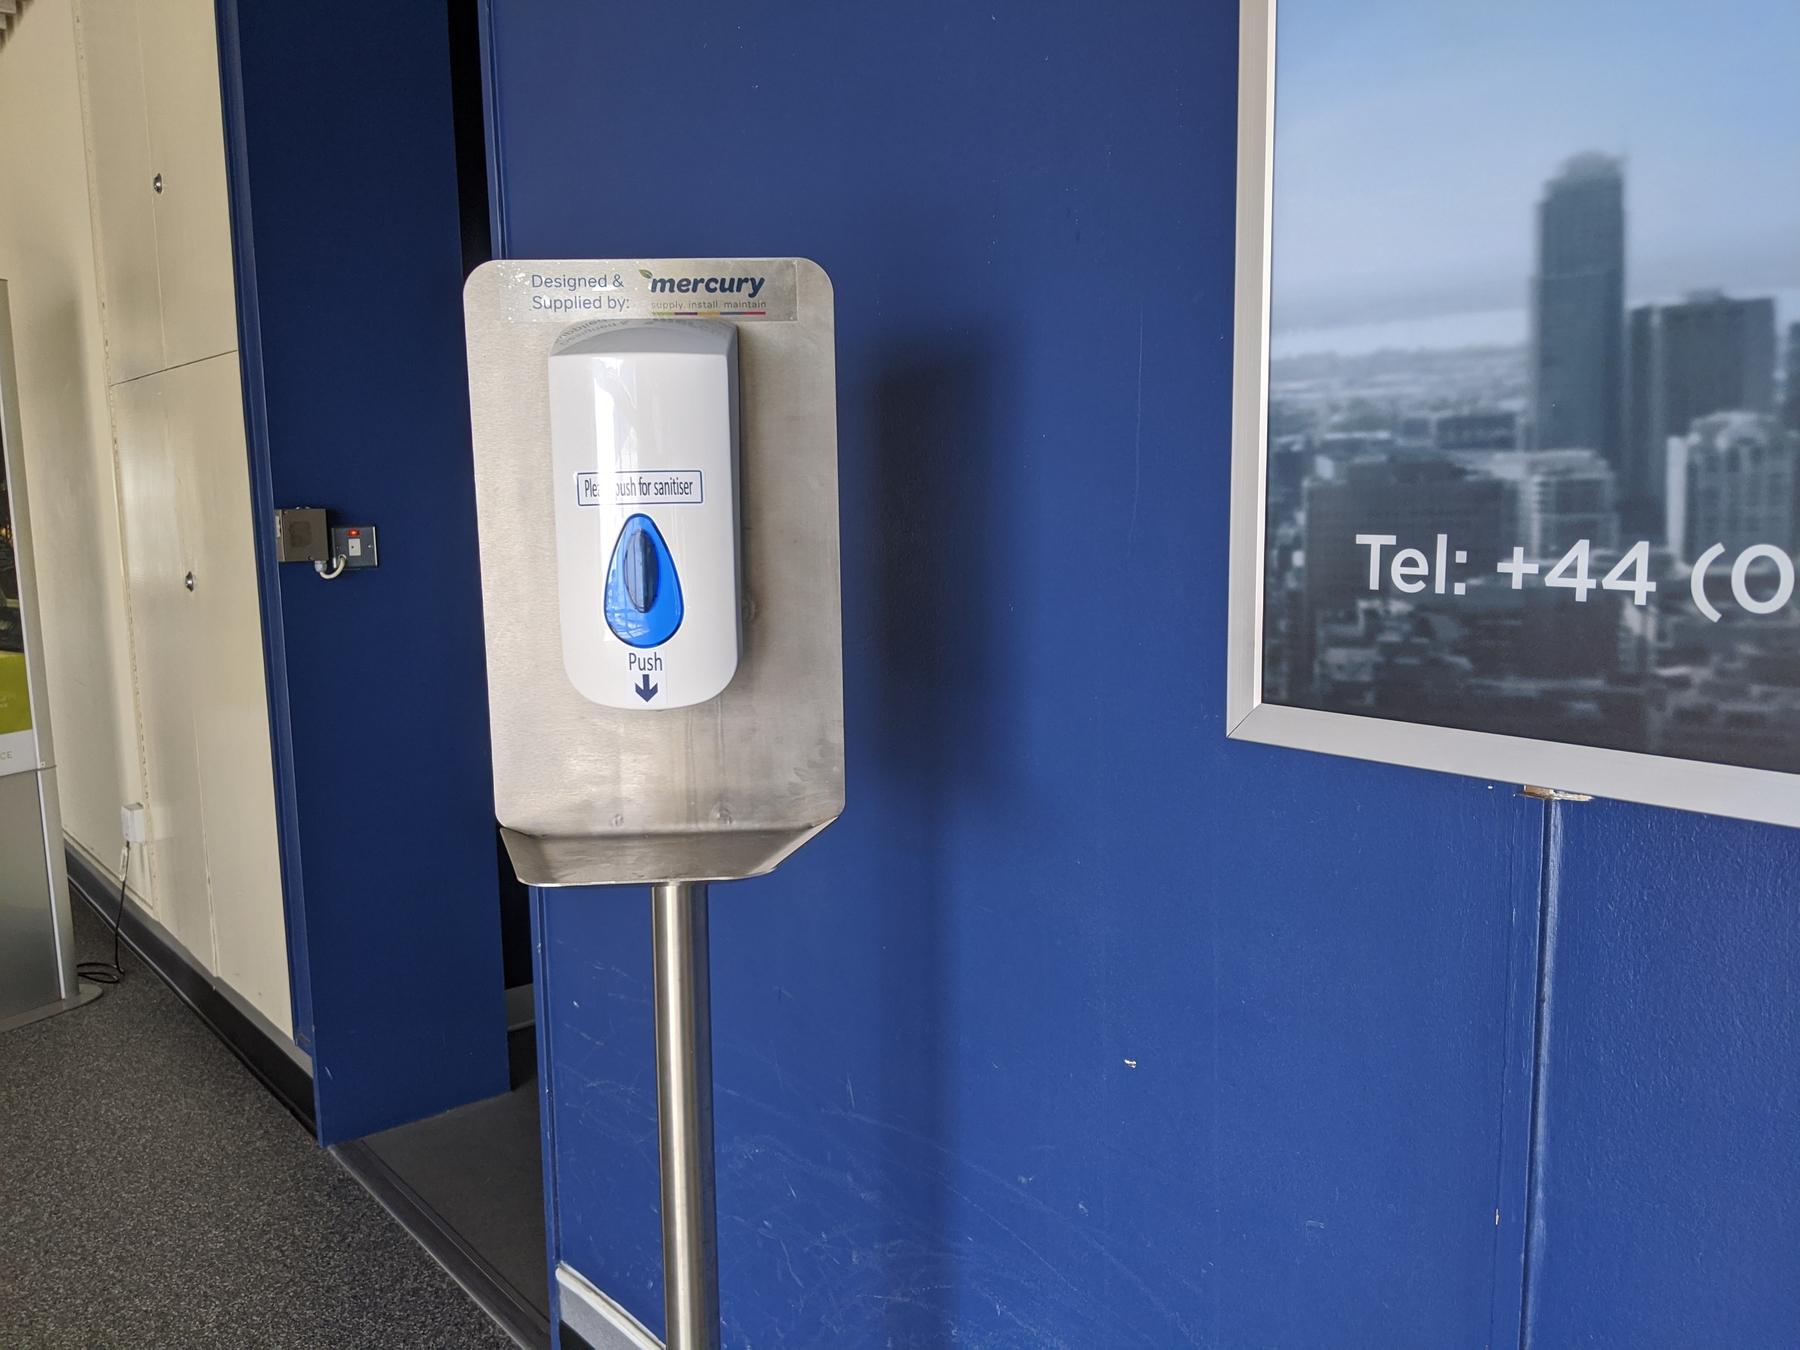 Luchthavens tijdens corona wat moet je weten voor je vertrek?